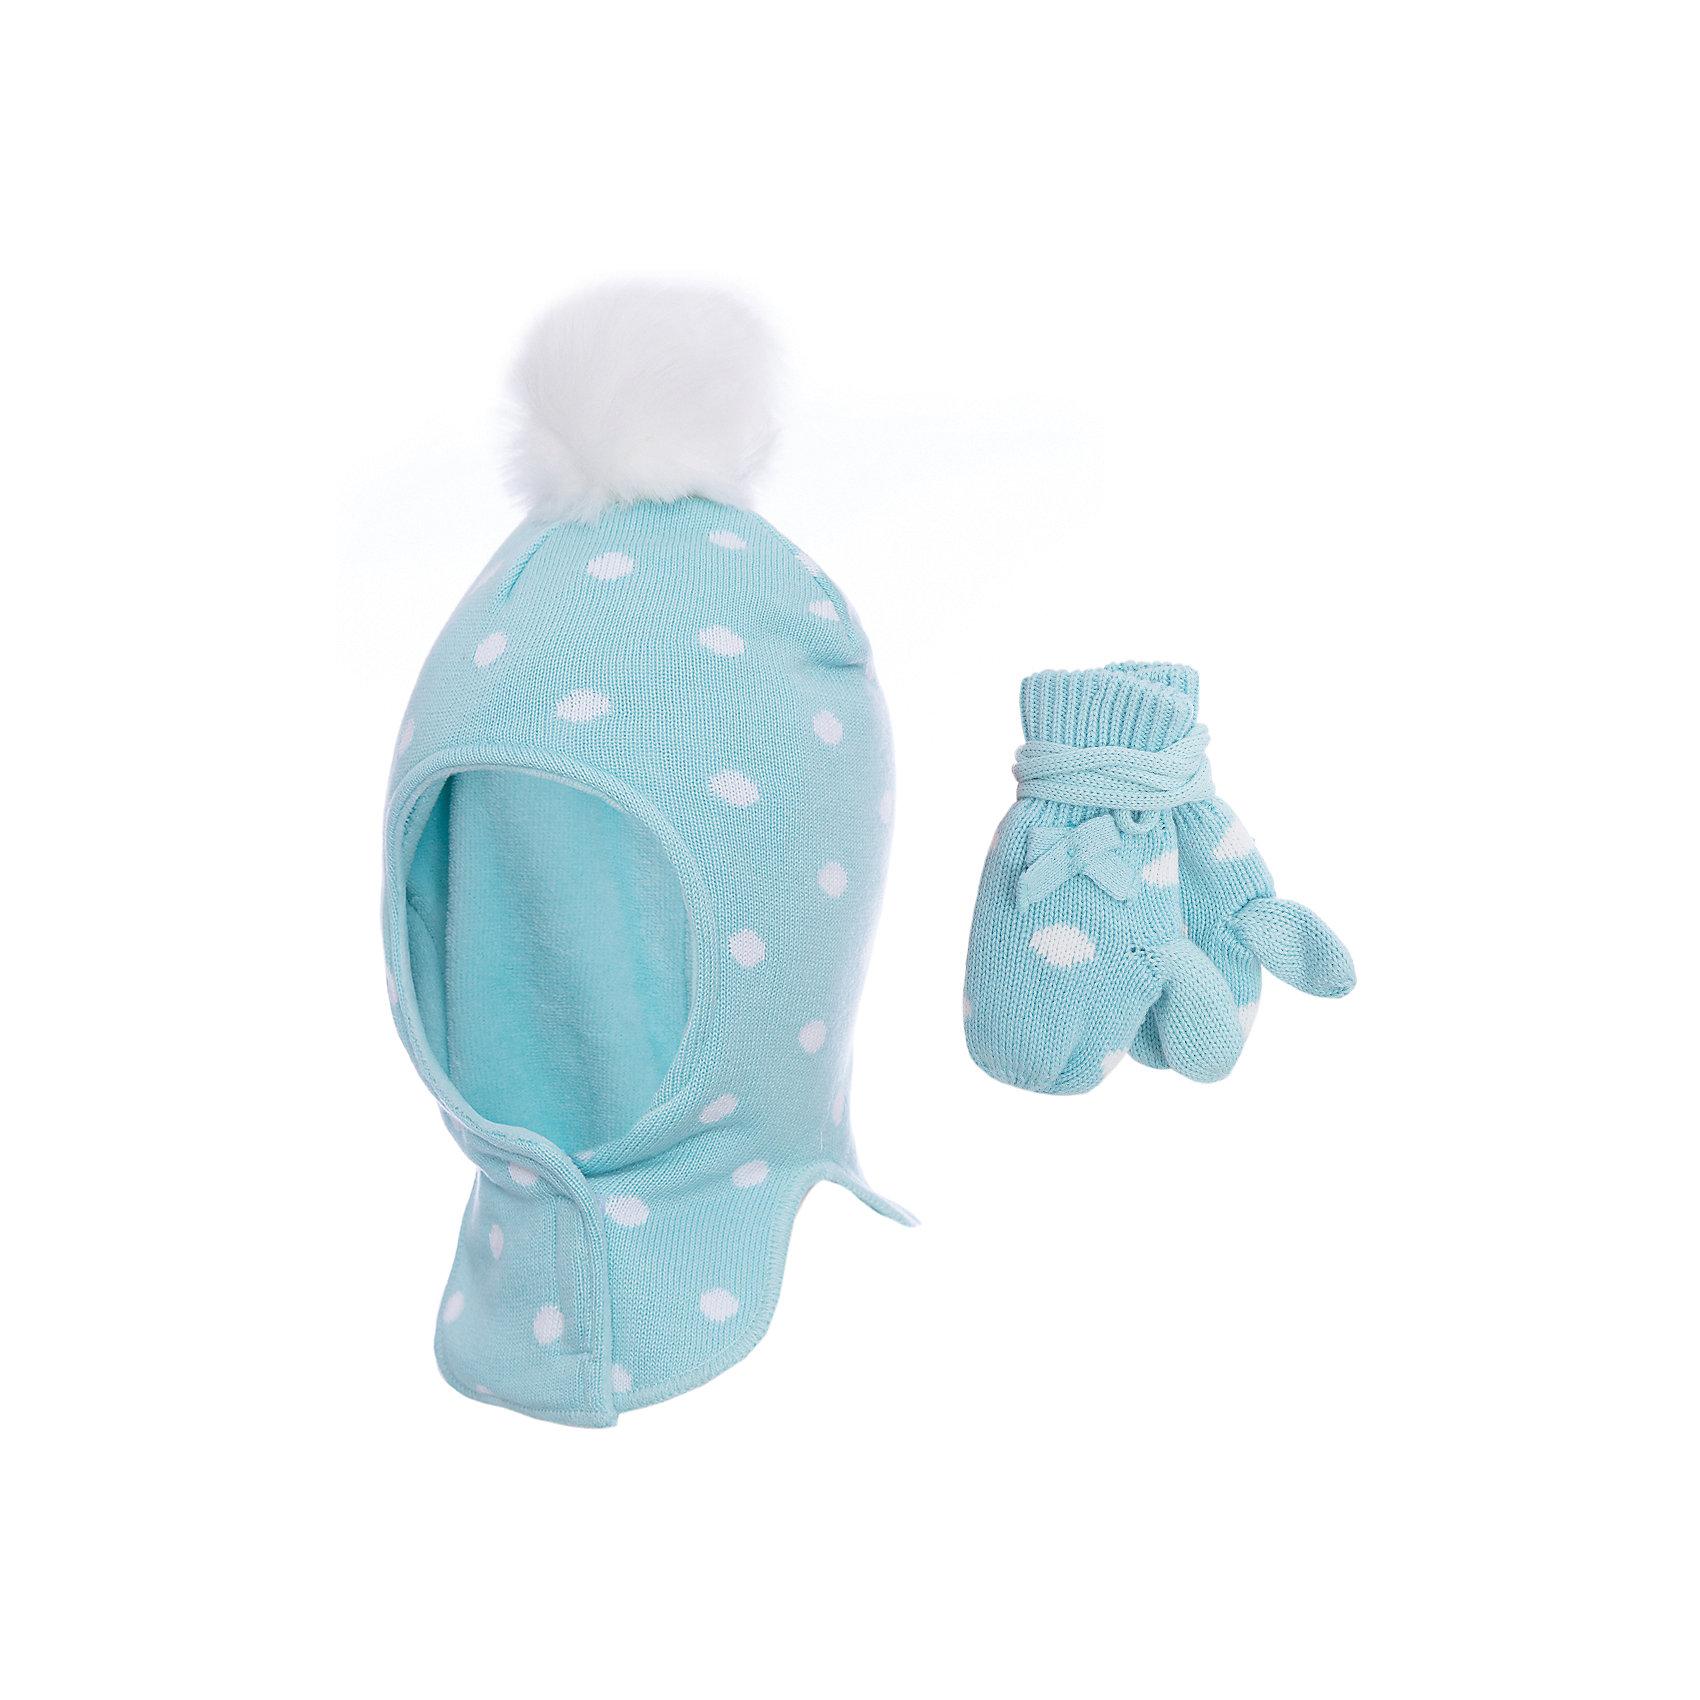 Комплект: шапка-шлем и варежки PlayToday для девочкиКомплекты<br>Комплект: шапка-шлем и варежки PlayToday для девочки<br>Двуслойная шапка - шлем. Внешняя часть из трикотажа, выполненного по технологии yarn dyed - в процессе производства используются разного цвета нити. Изделие, при рекомендуемом уходе, не линяет и надолго остается в первноначальном виде. Подкладка из мягкого велюра. Шапка под подбородком застегивается на липучку. Модель дополнена помпоном. Варежки двуслойные, между собой соединены вязаным шнуром.<br>Состав:<br>Верх: 80% хлопок, 18% нейлон, 2% эластан, подкладка: 80% хлопок, 18% нейлон, 2% эластан<br><br>Ширина мм: 89<br>Глубина мм: 117<br>Высота мм: 44<br>Вес г: 155<br>Цвет: белый<br>Возраст от месяцев: 12<br>Возраст до месяцев: 18<br>Пол: Женский<br>Возраст: Детский<br>Размер: 48,46<br>SKU: 7110400